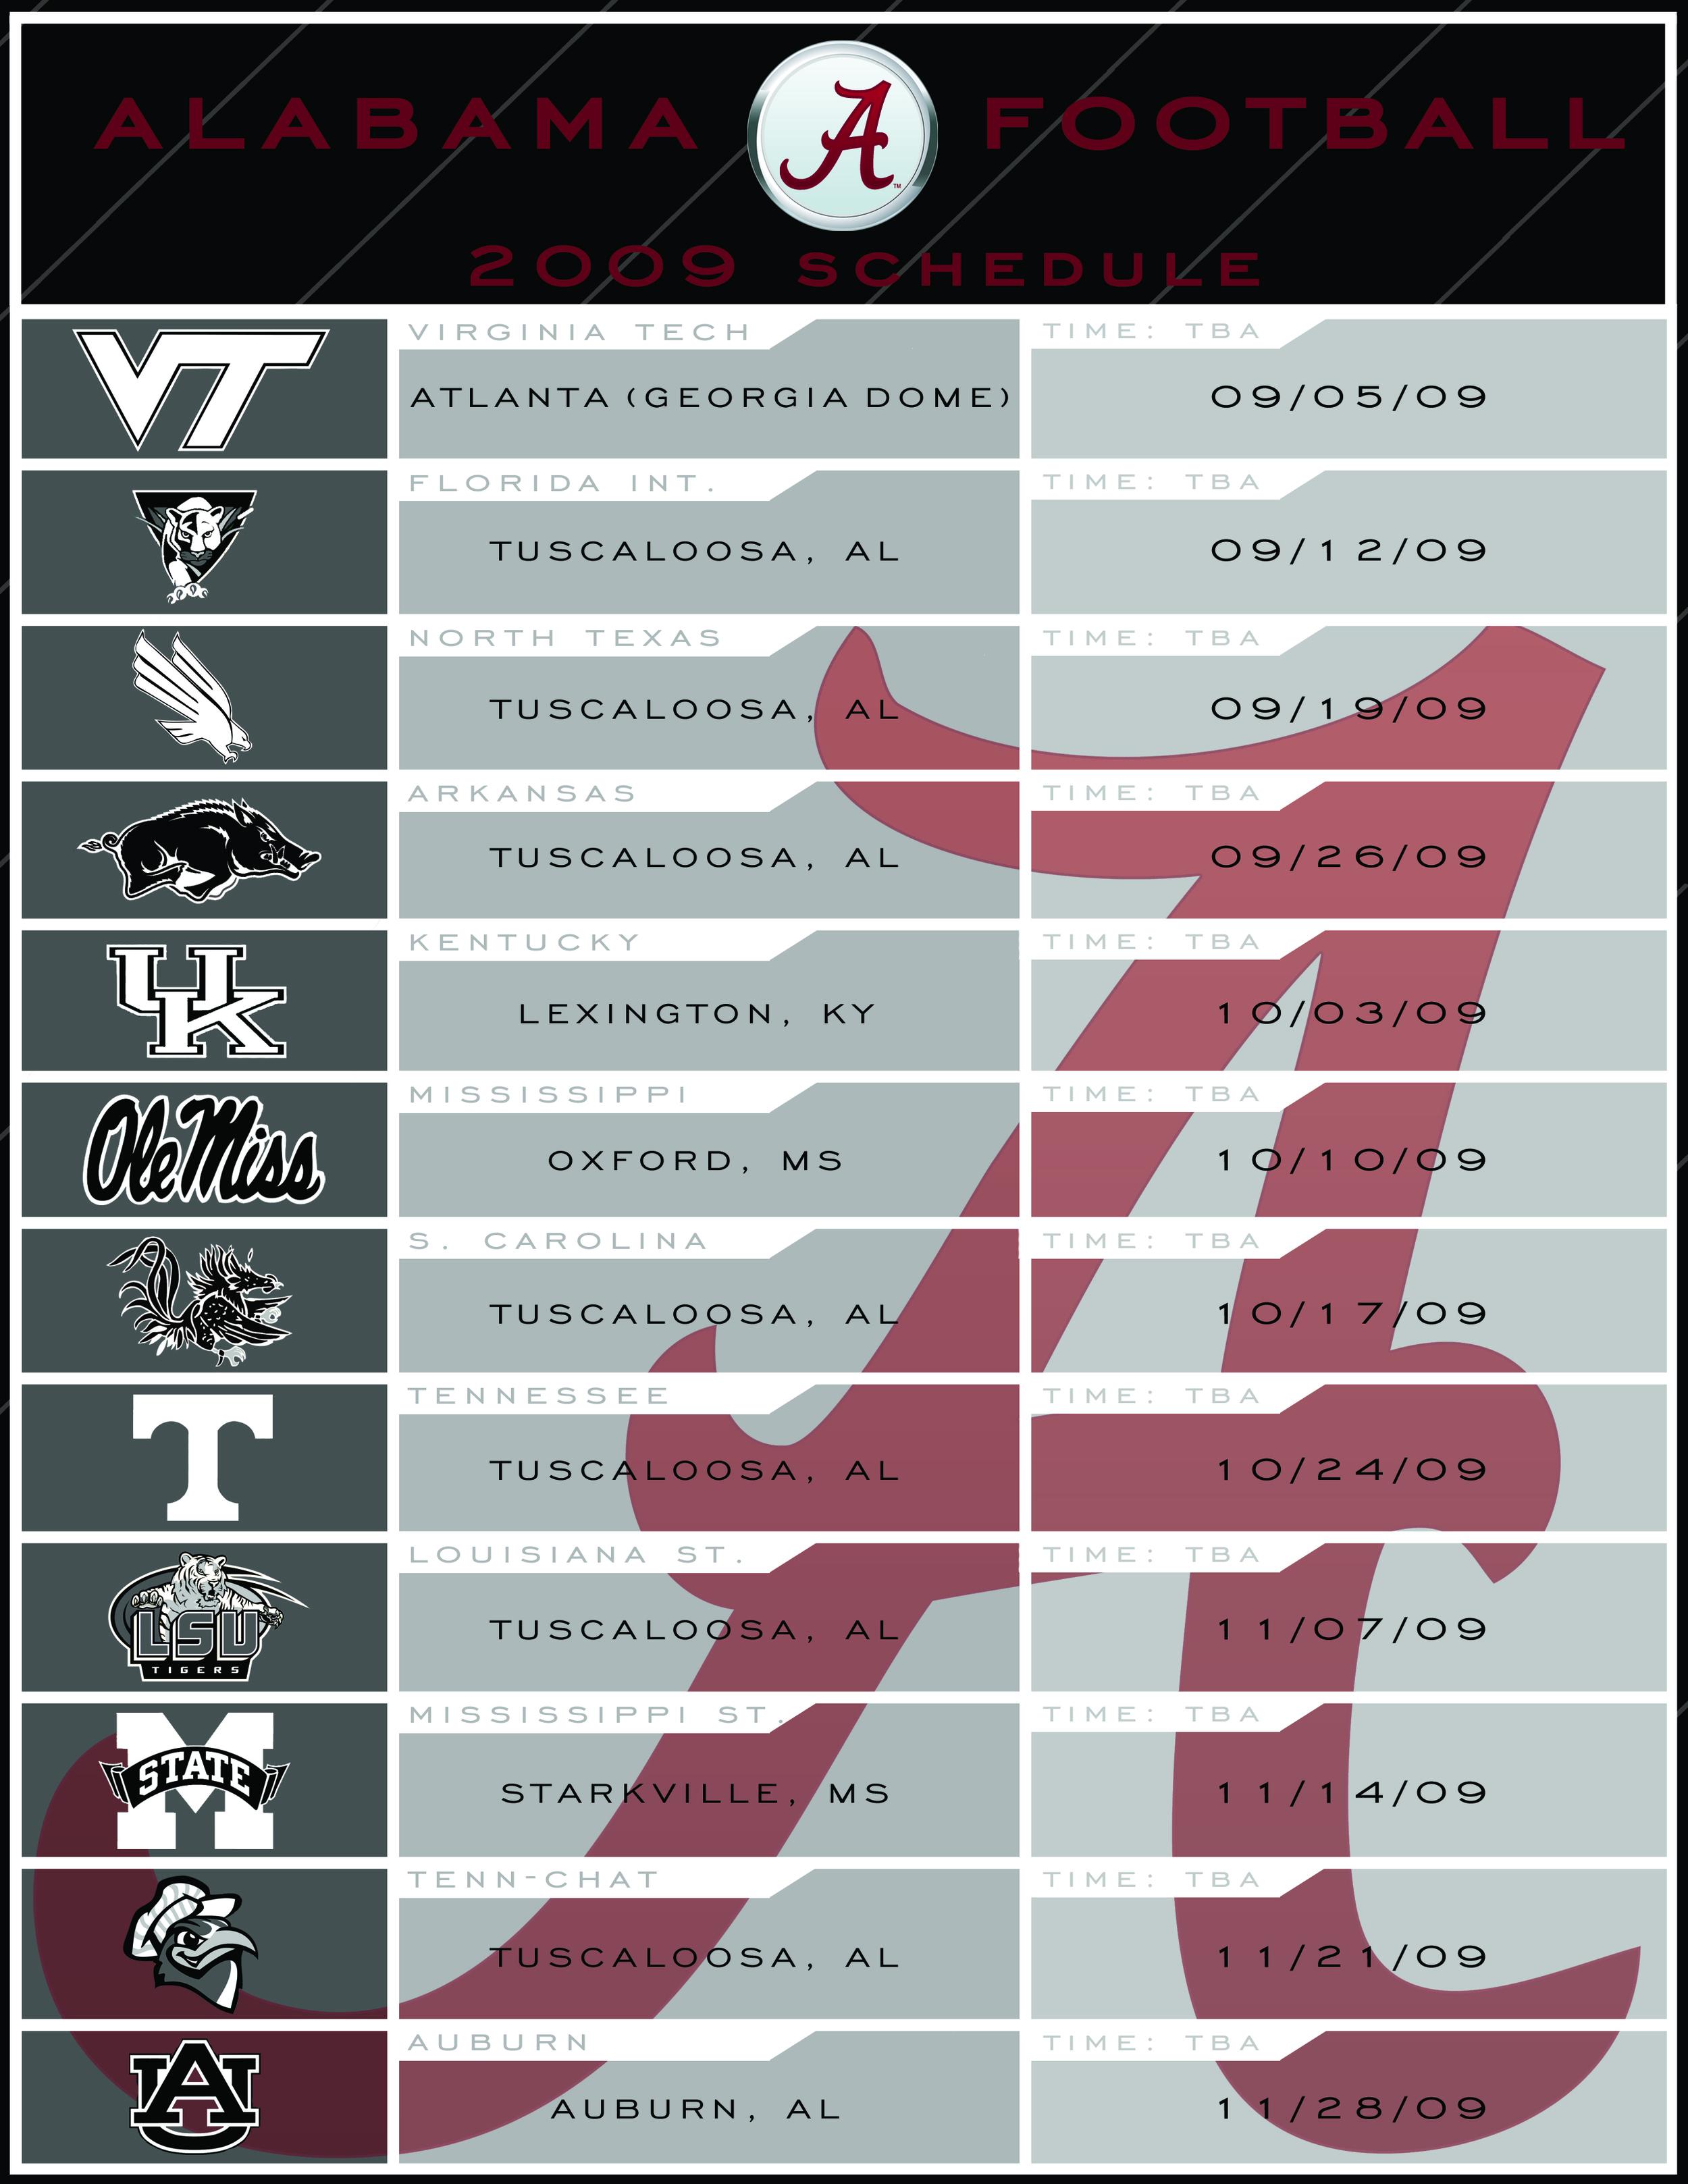 2009 Schedule.jpg